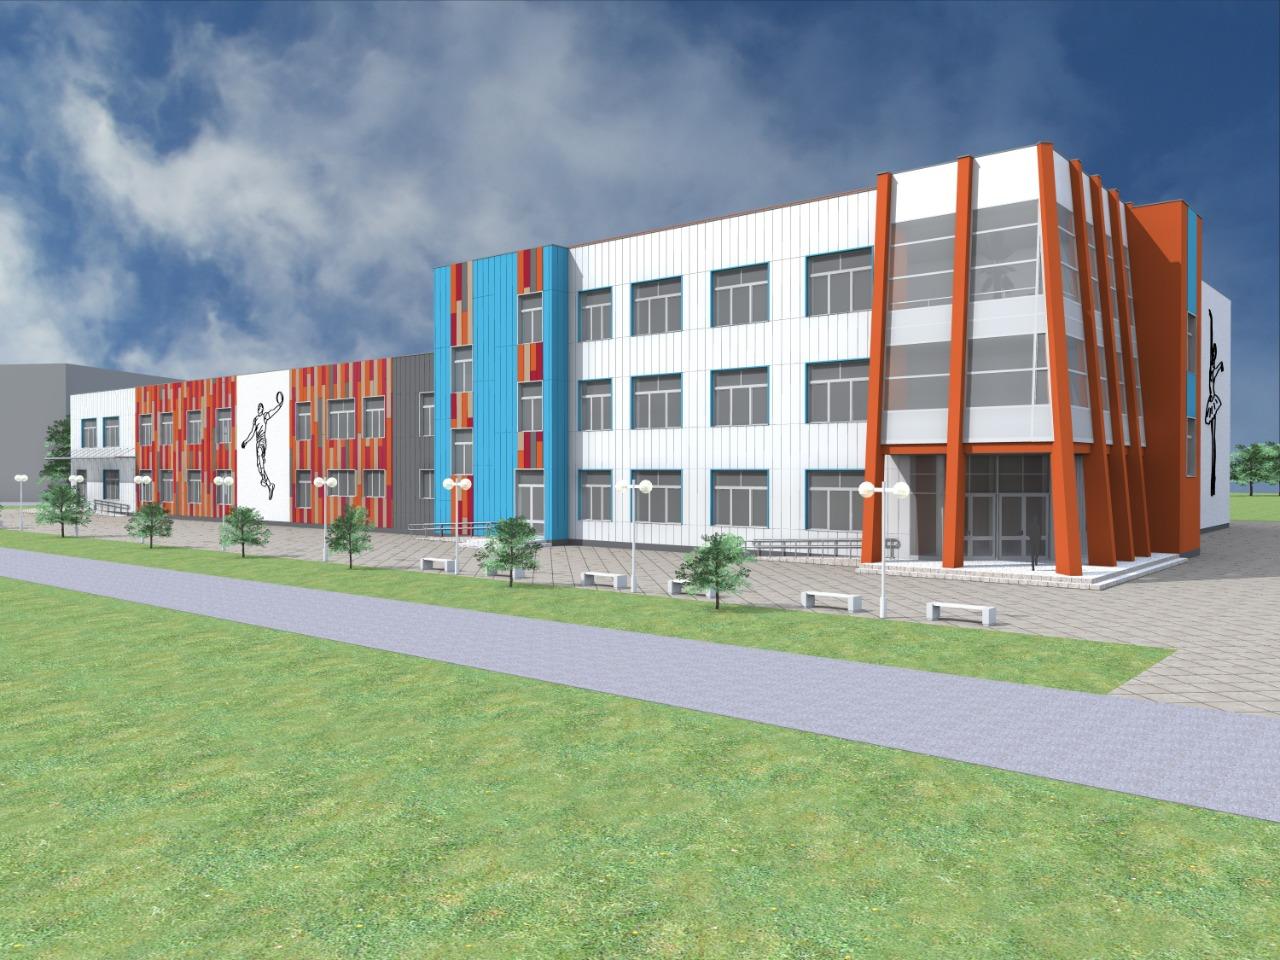 Определен подрядчик для строительства Центра культурного развития в Арзамасе